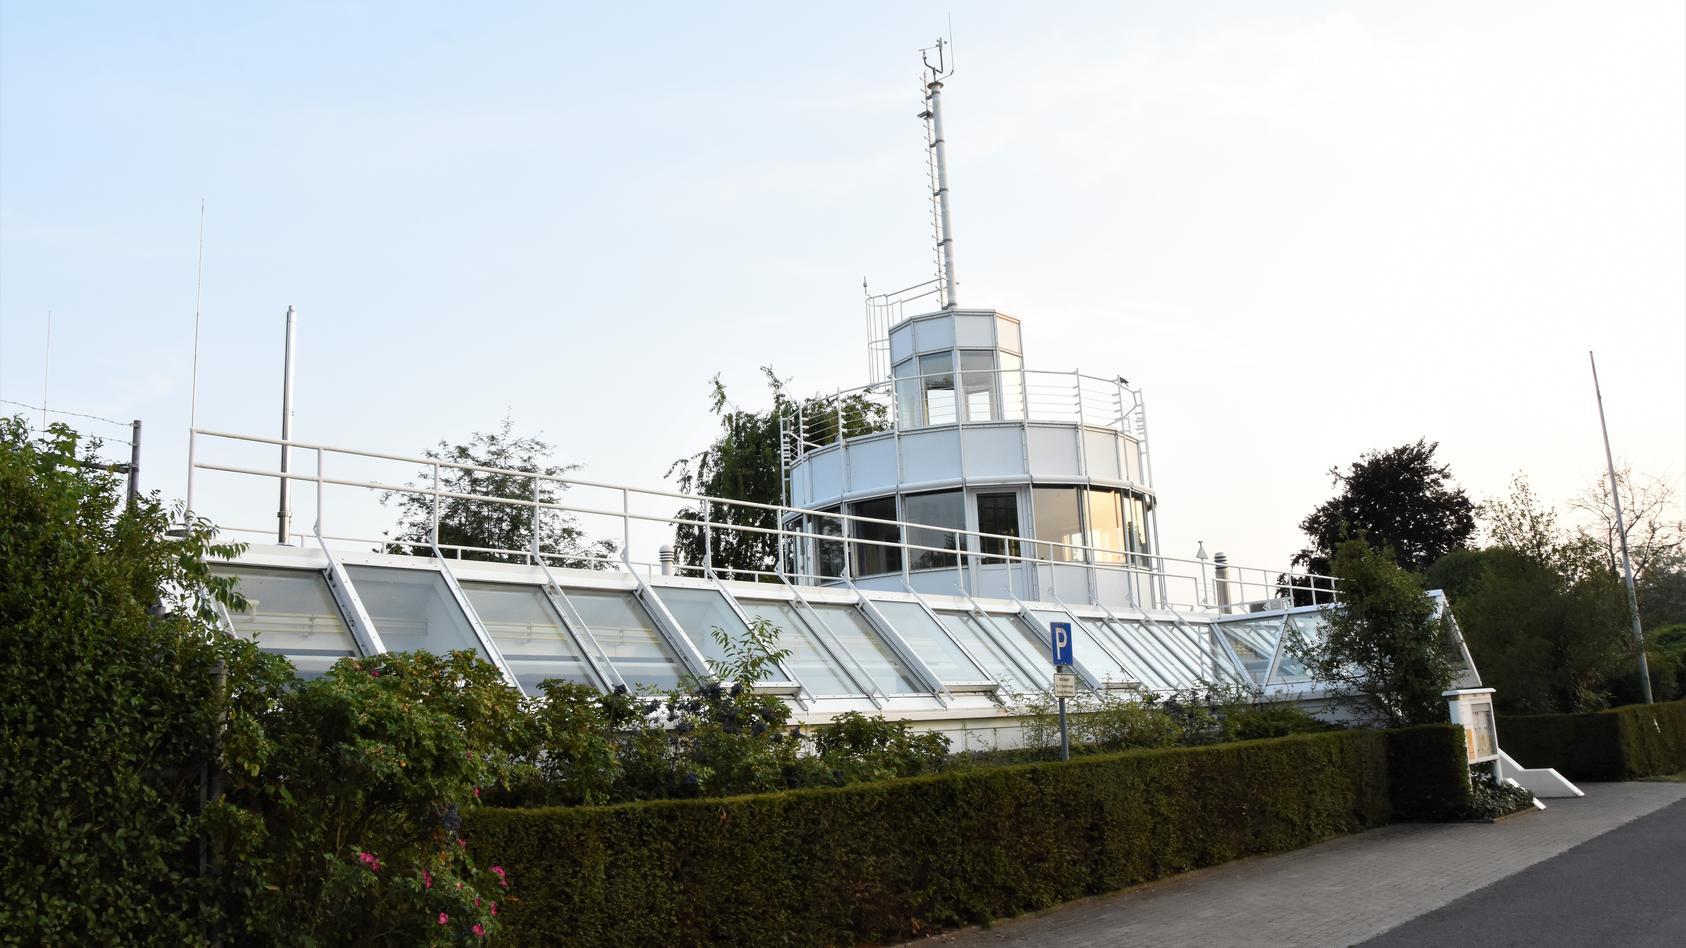 Die Wetterstation in Lingen ist eine offizielle Anlage des Deutschen Wetterdienstes (DWD).